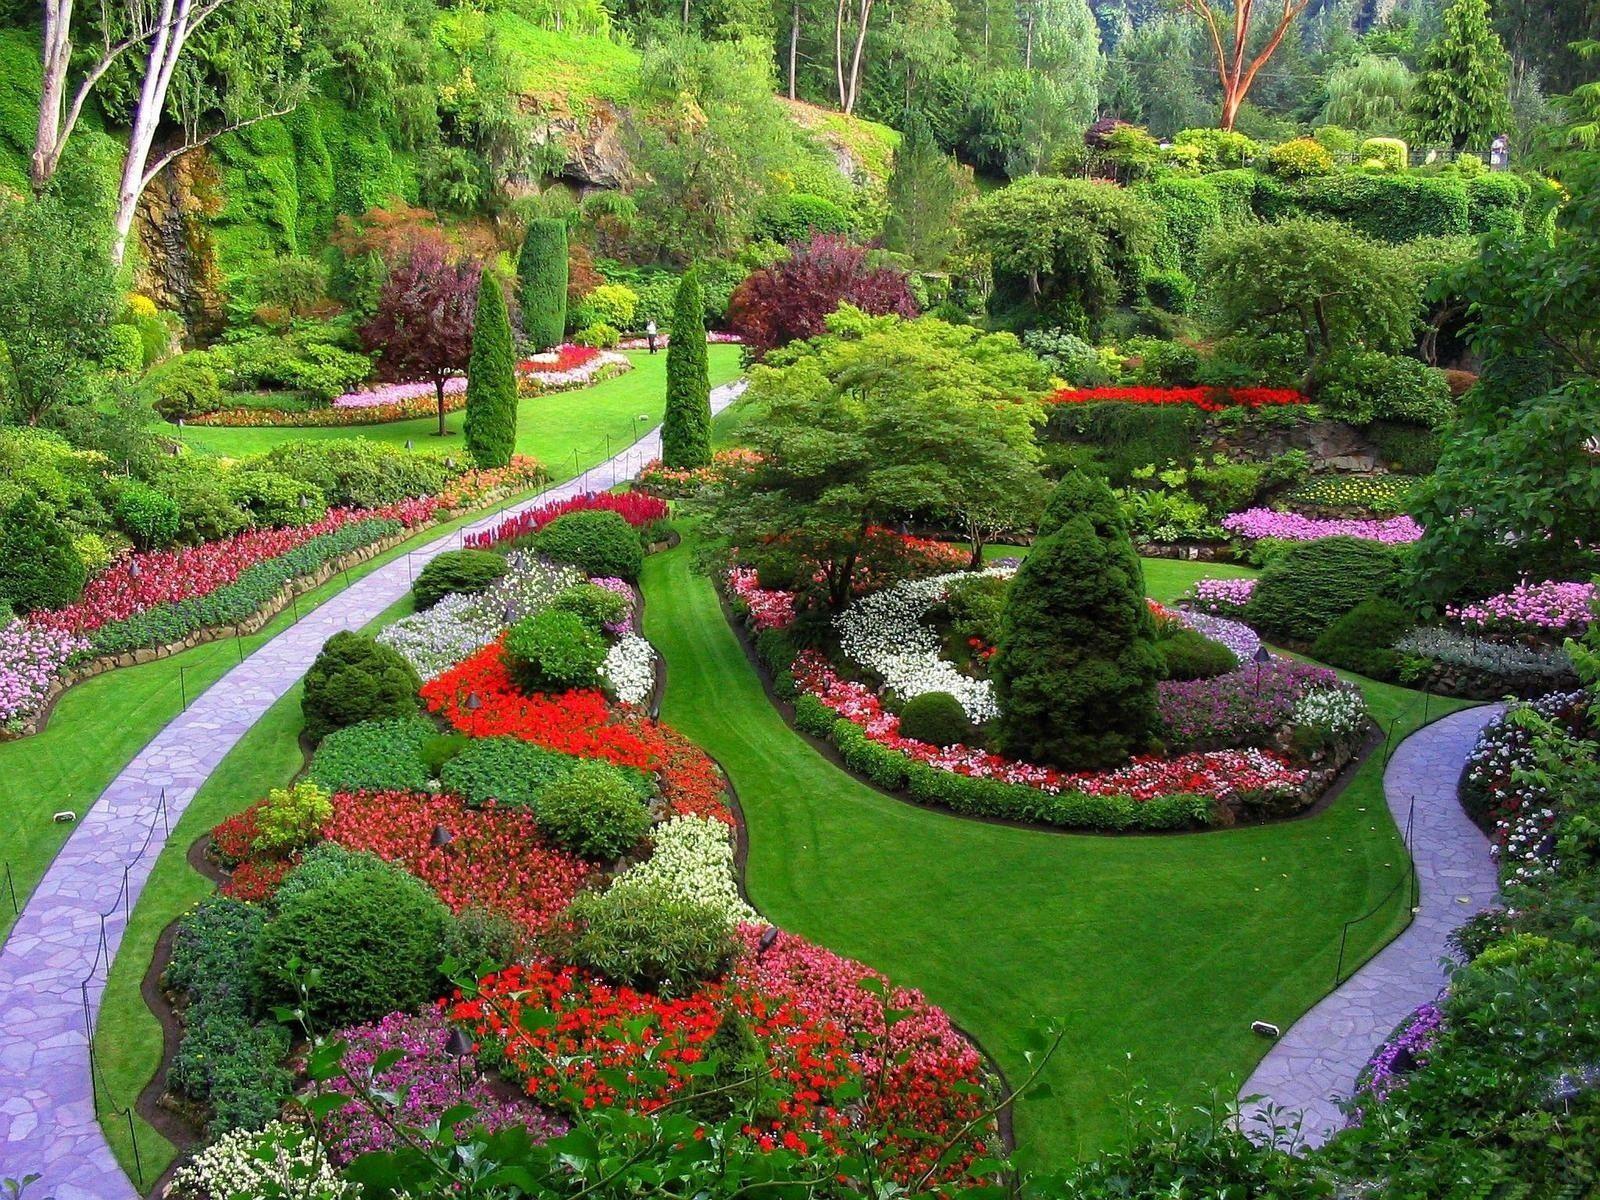 142402 скачать обои Газон, Сад, Природа, Цветы, Деревья, Трава, Ухоженный, Тропинки - заставки и картинки бесплатно